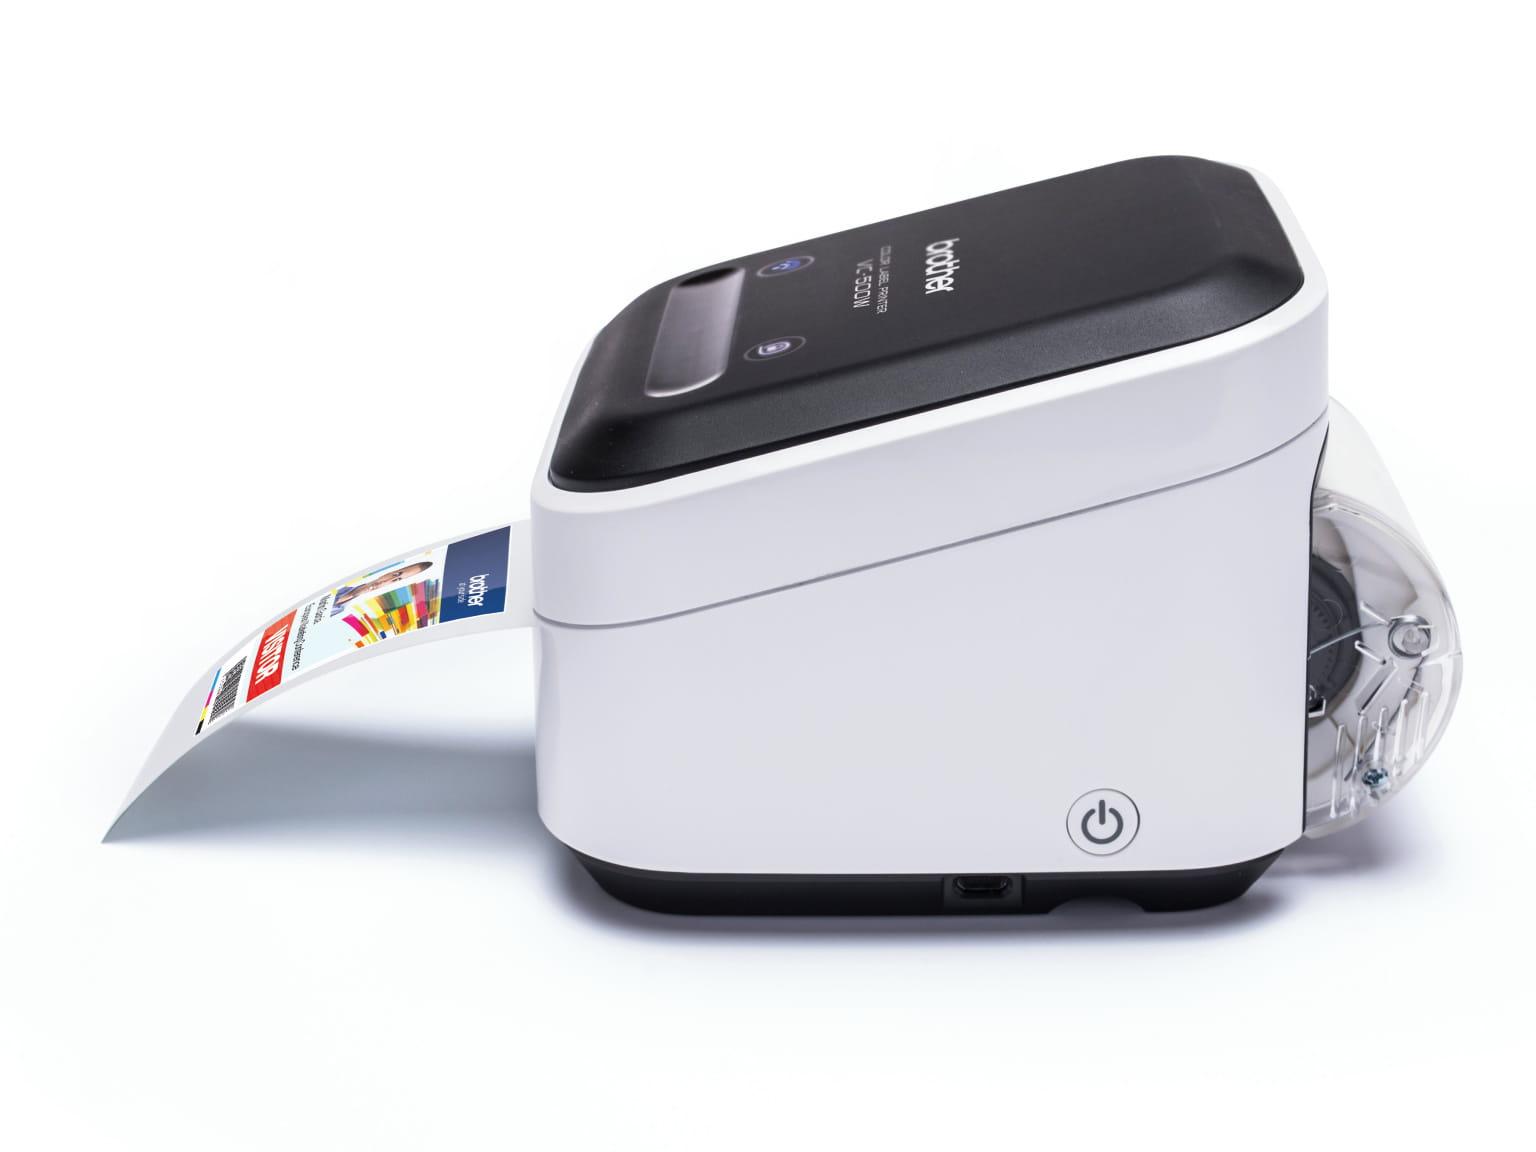 Brother VC-500W Zero Ink technológiás színes címkenyomtatónyomtatás közben